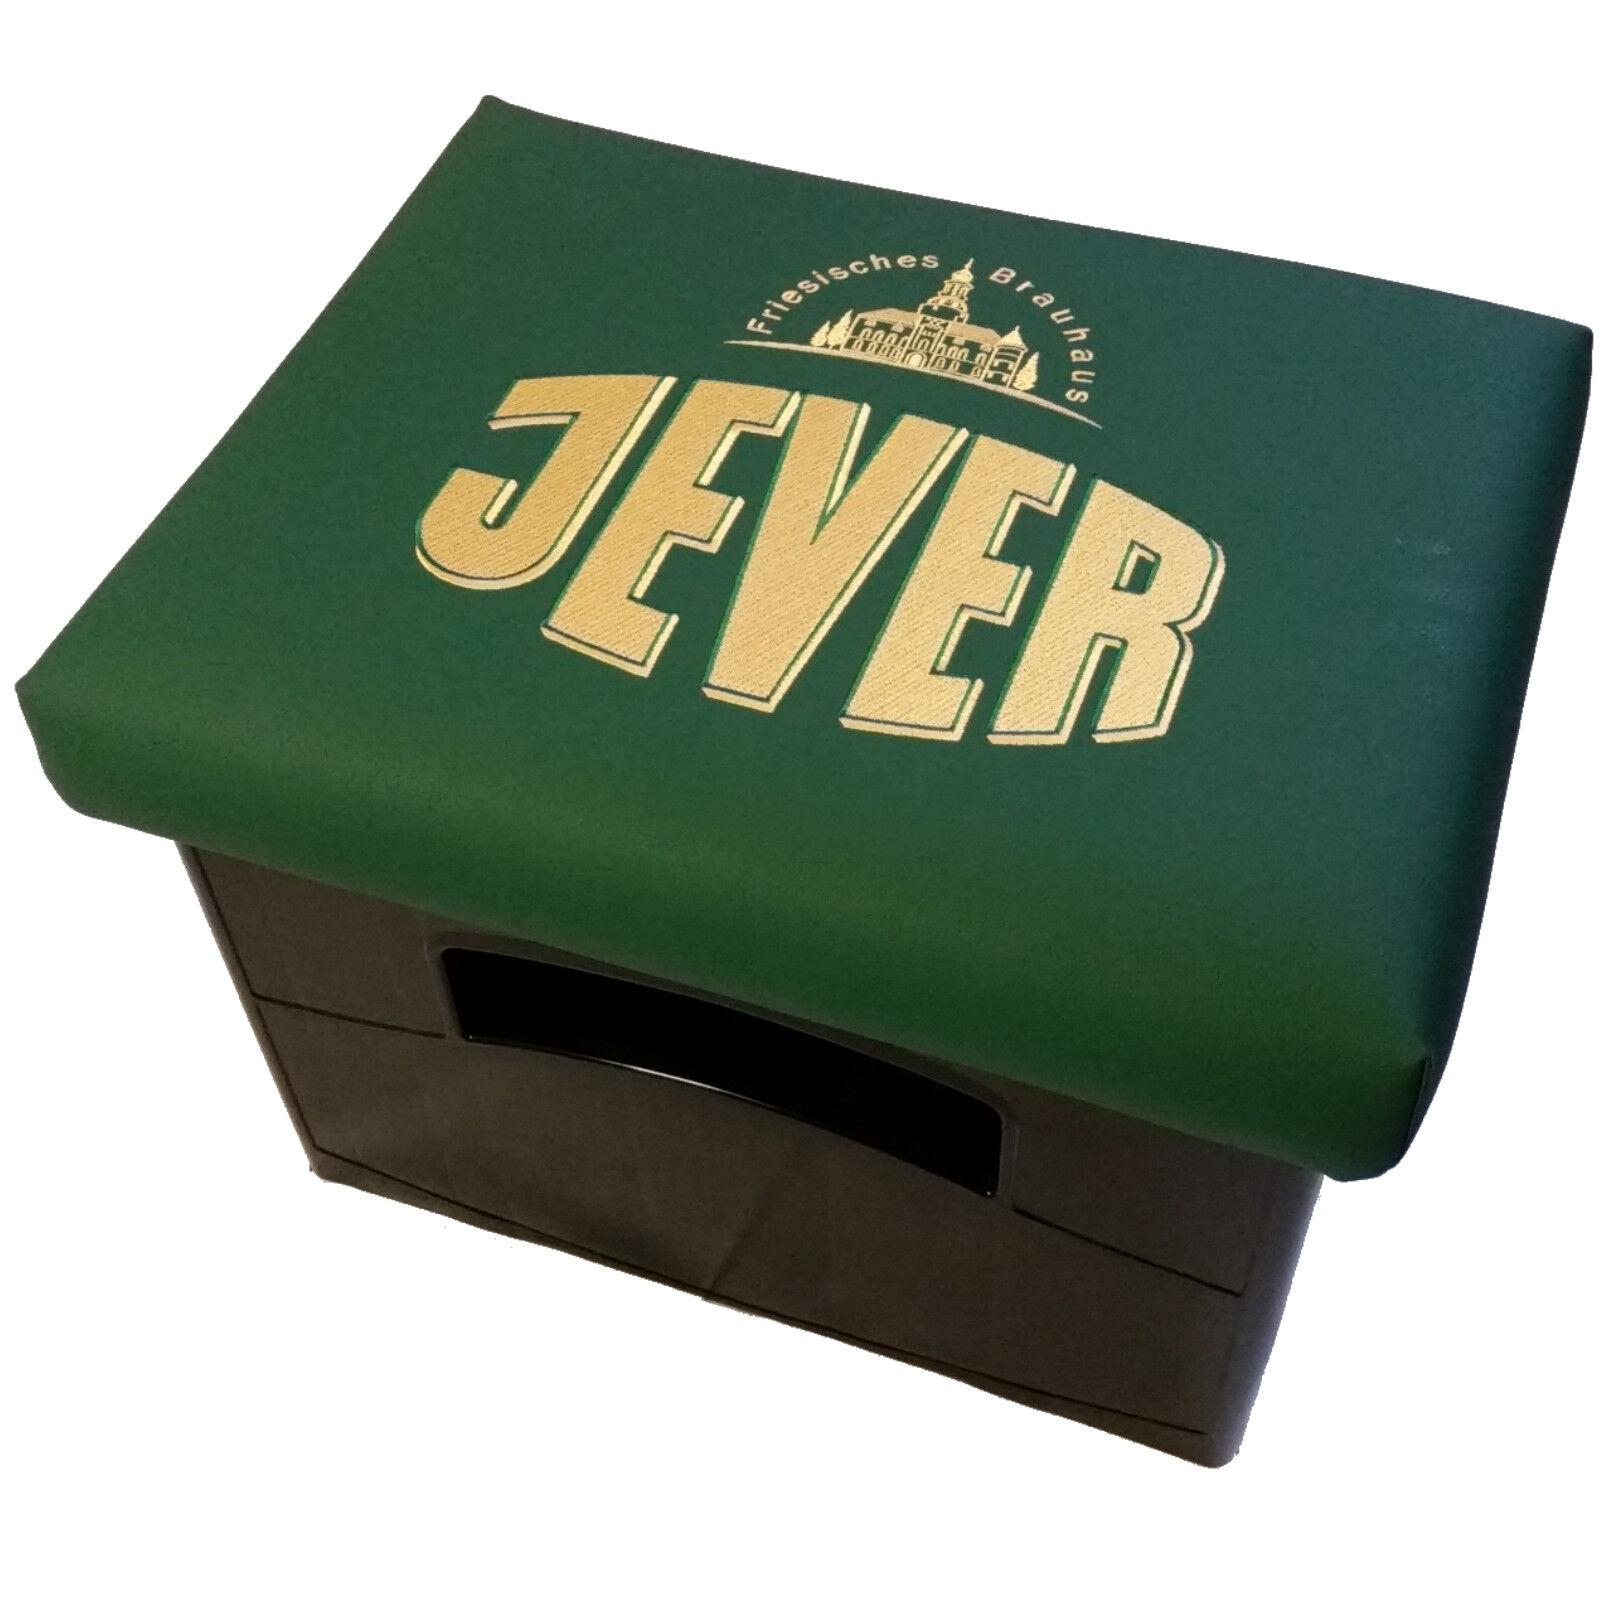 Bierkistensitzkissen Bierkistensitzkissen Bierkistensitzkissen Biermarken-Original JEVER Logo auf grünem Kunstleder- Leder c23c4a